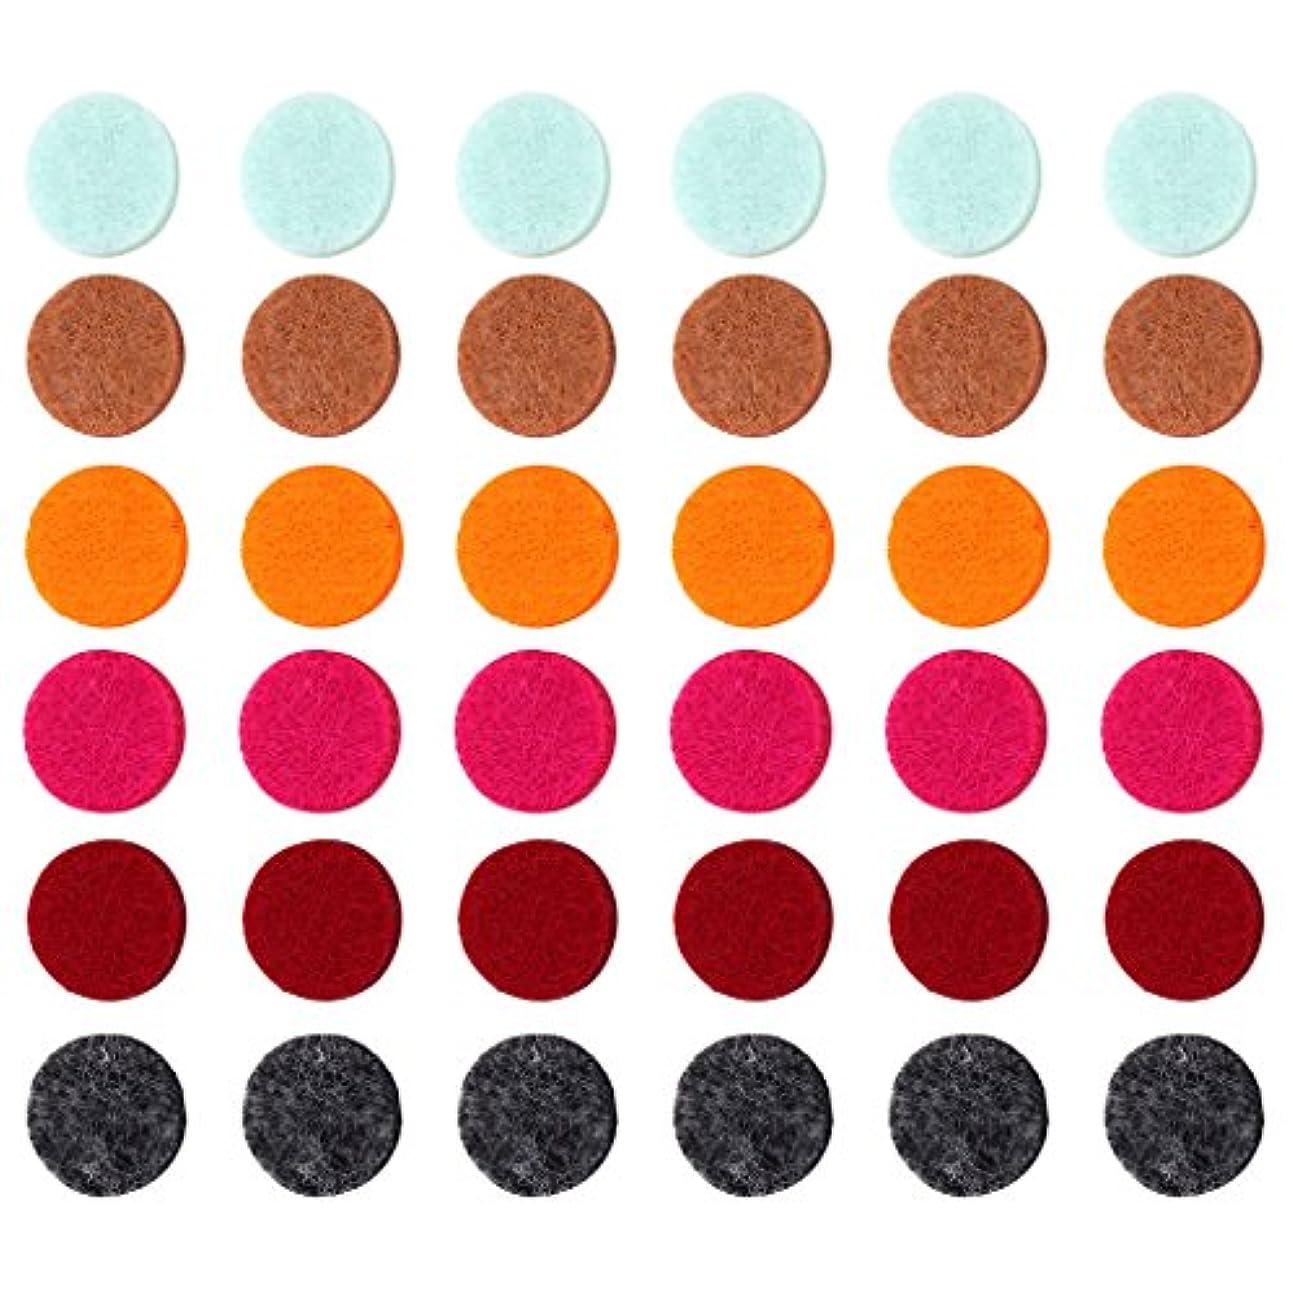 ペリスコープストレージ不当ZYsta 36個Refill Pads for Aromatherapy Essential Oil Diffuserロケットネックレス、交換用パッド: Thickened/洗濯可能/高吸水性のアロマディフューザーペンダント